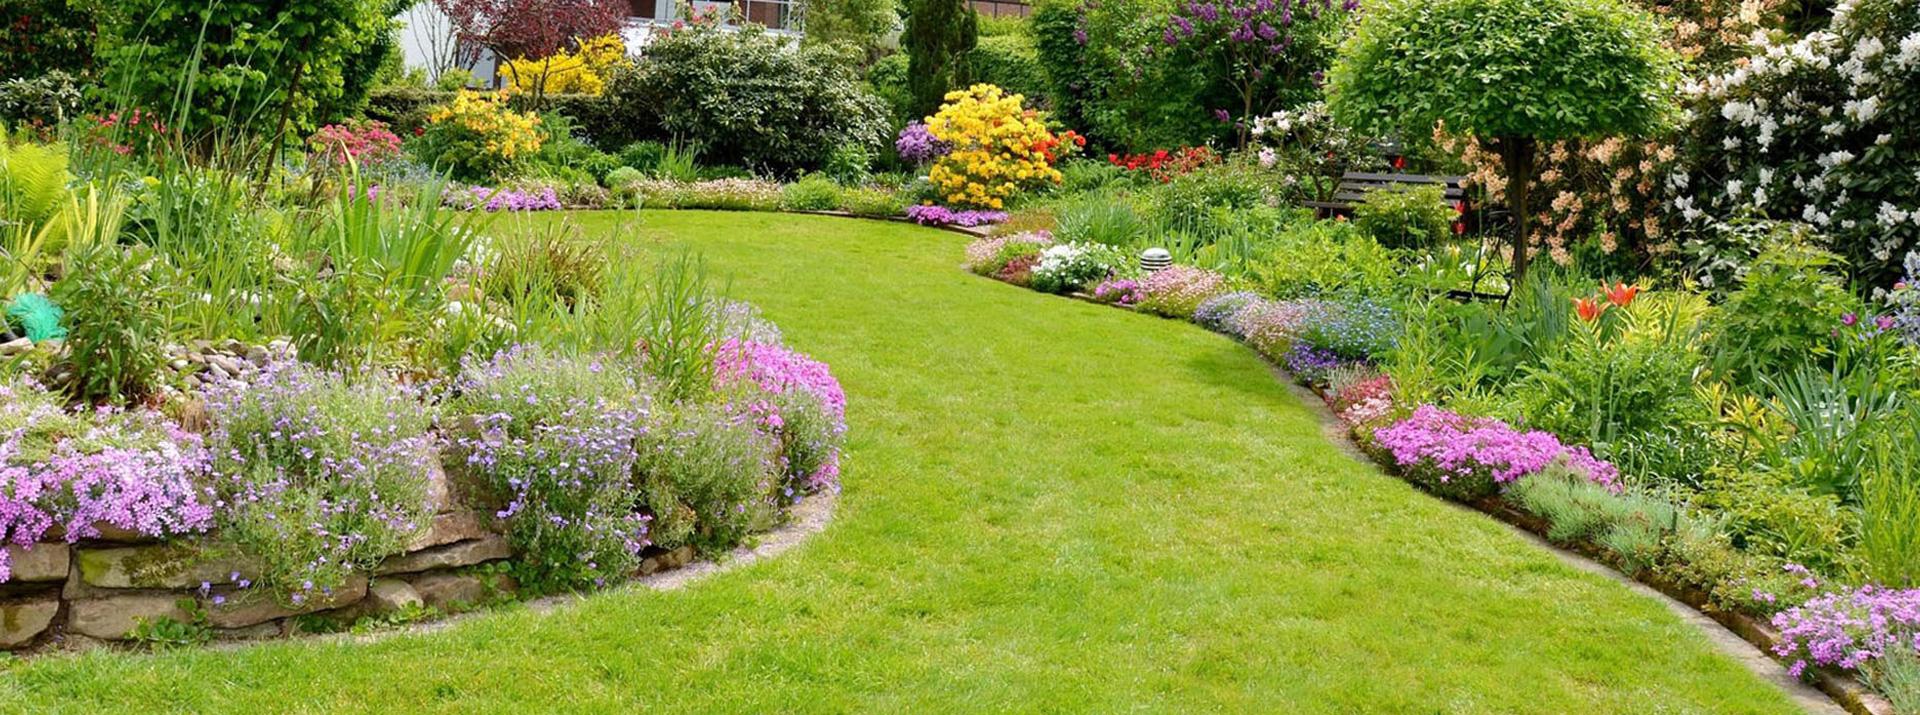 Progettazione giardini progettazione giardini roma - Progetto per giardino ...